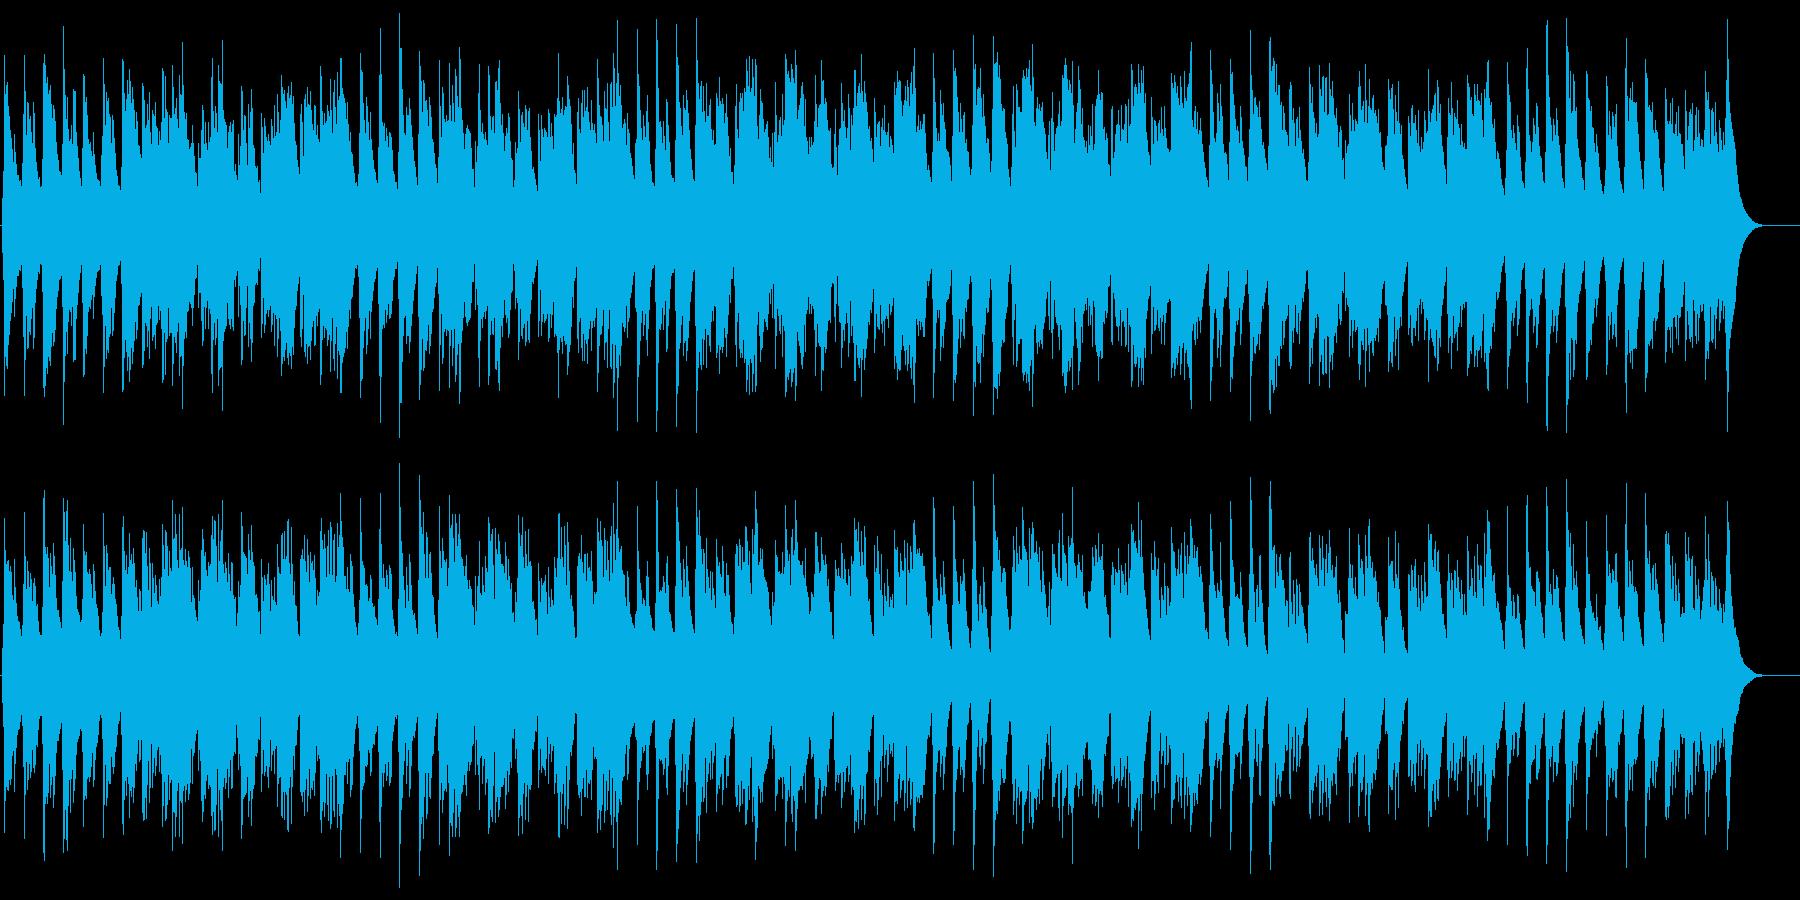 ヒッコリー,ディッコリー,ドックの再生済みの波形